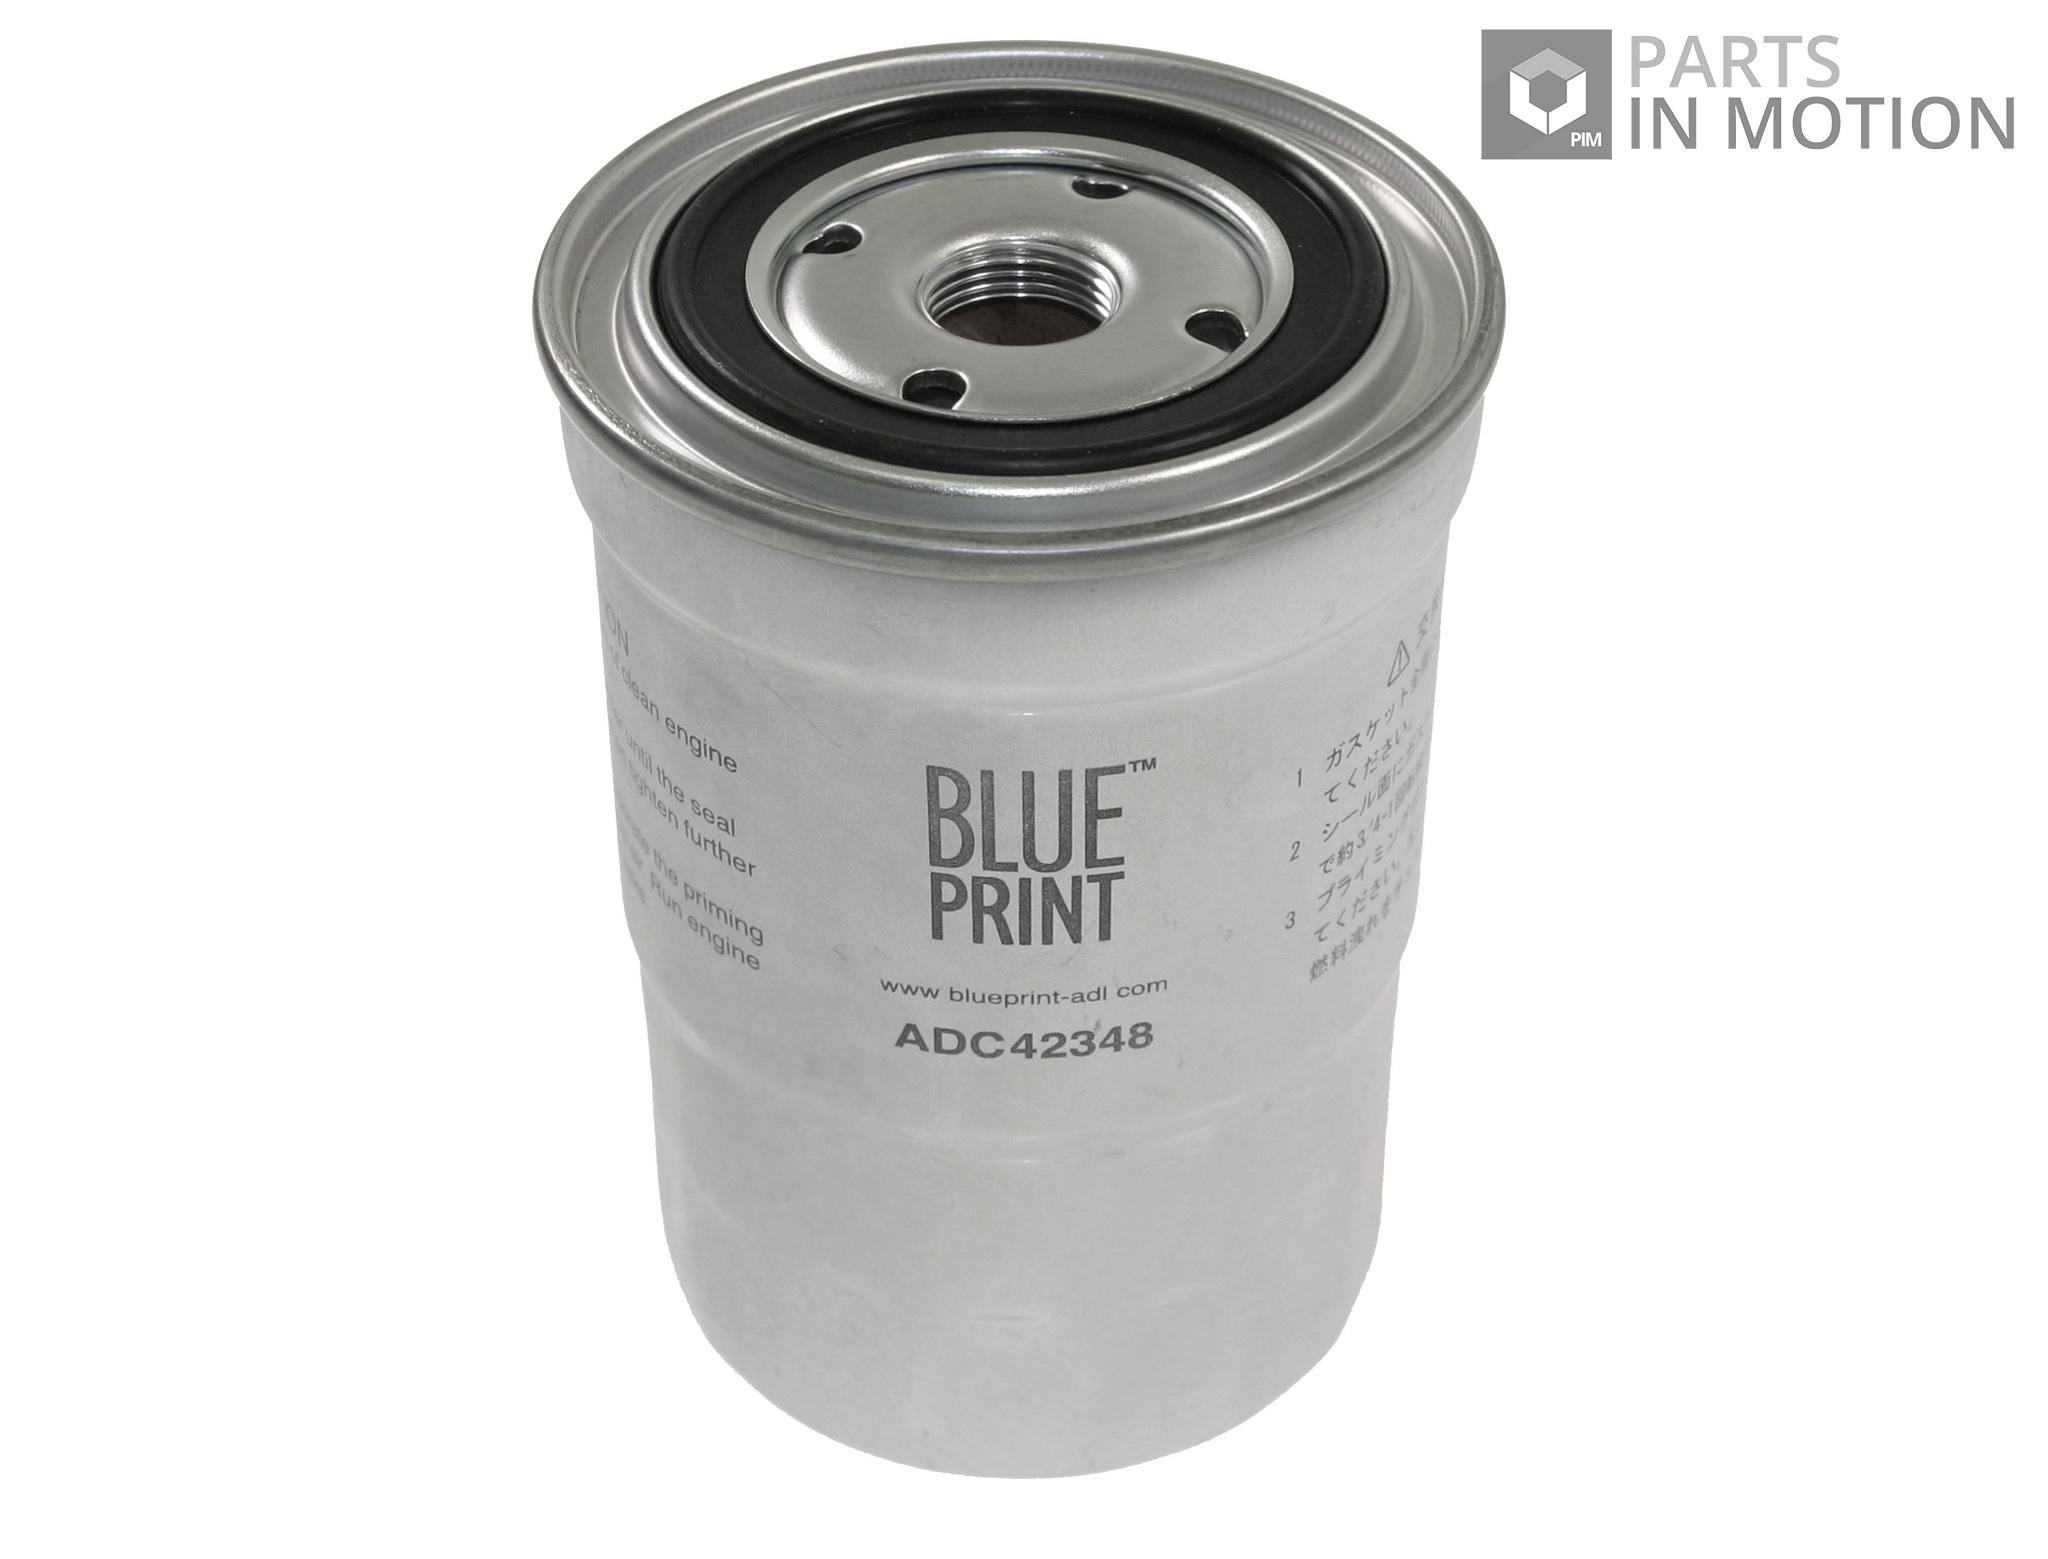 Fuel Filter fits MITSUBISHI PAJERO//SHOGUN V2W 2.5D 01 to 06 4D56T ADL ME132525